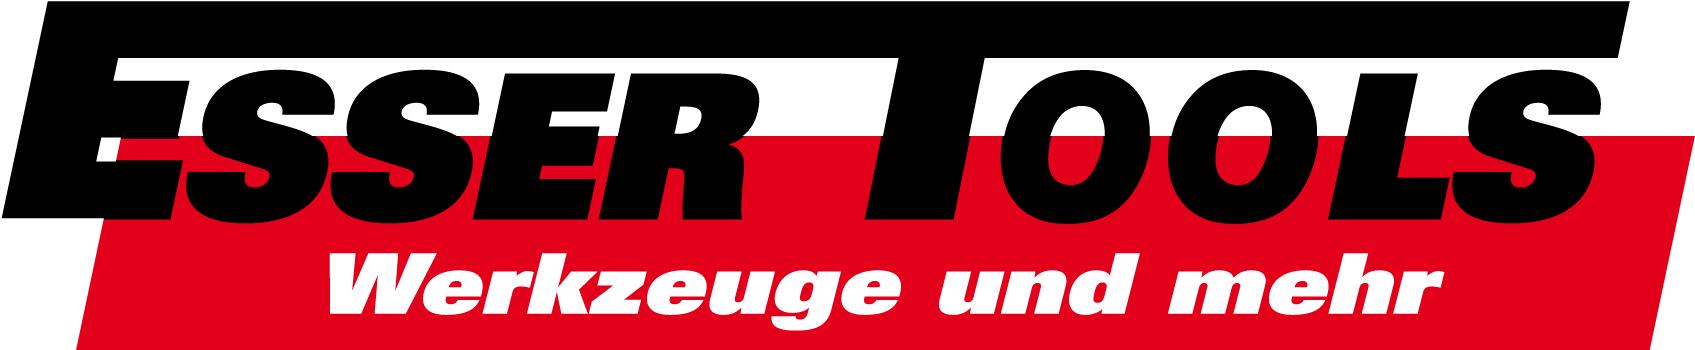 Esser Tools - Werkzeuge und mehr-Logo